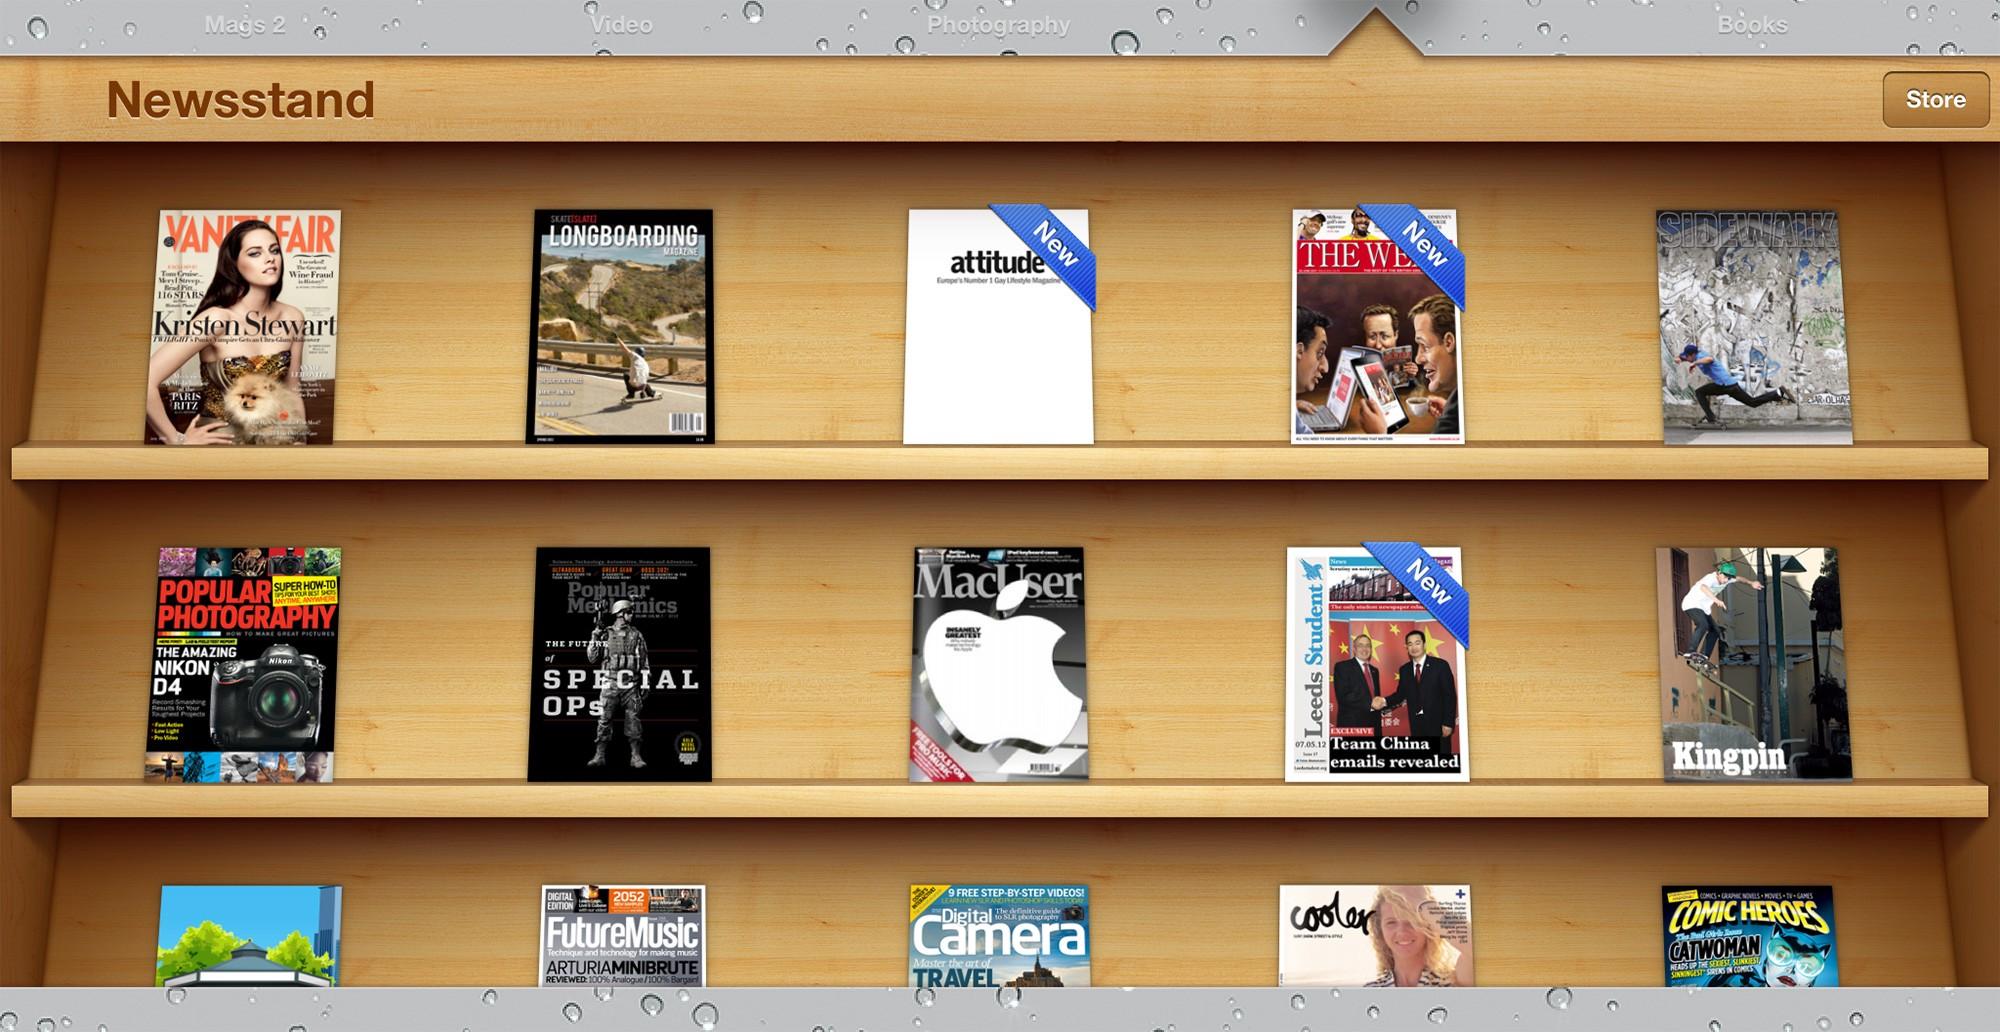 iOS Newsstand